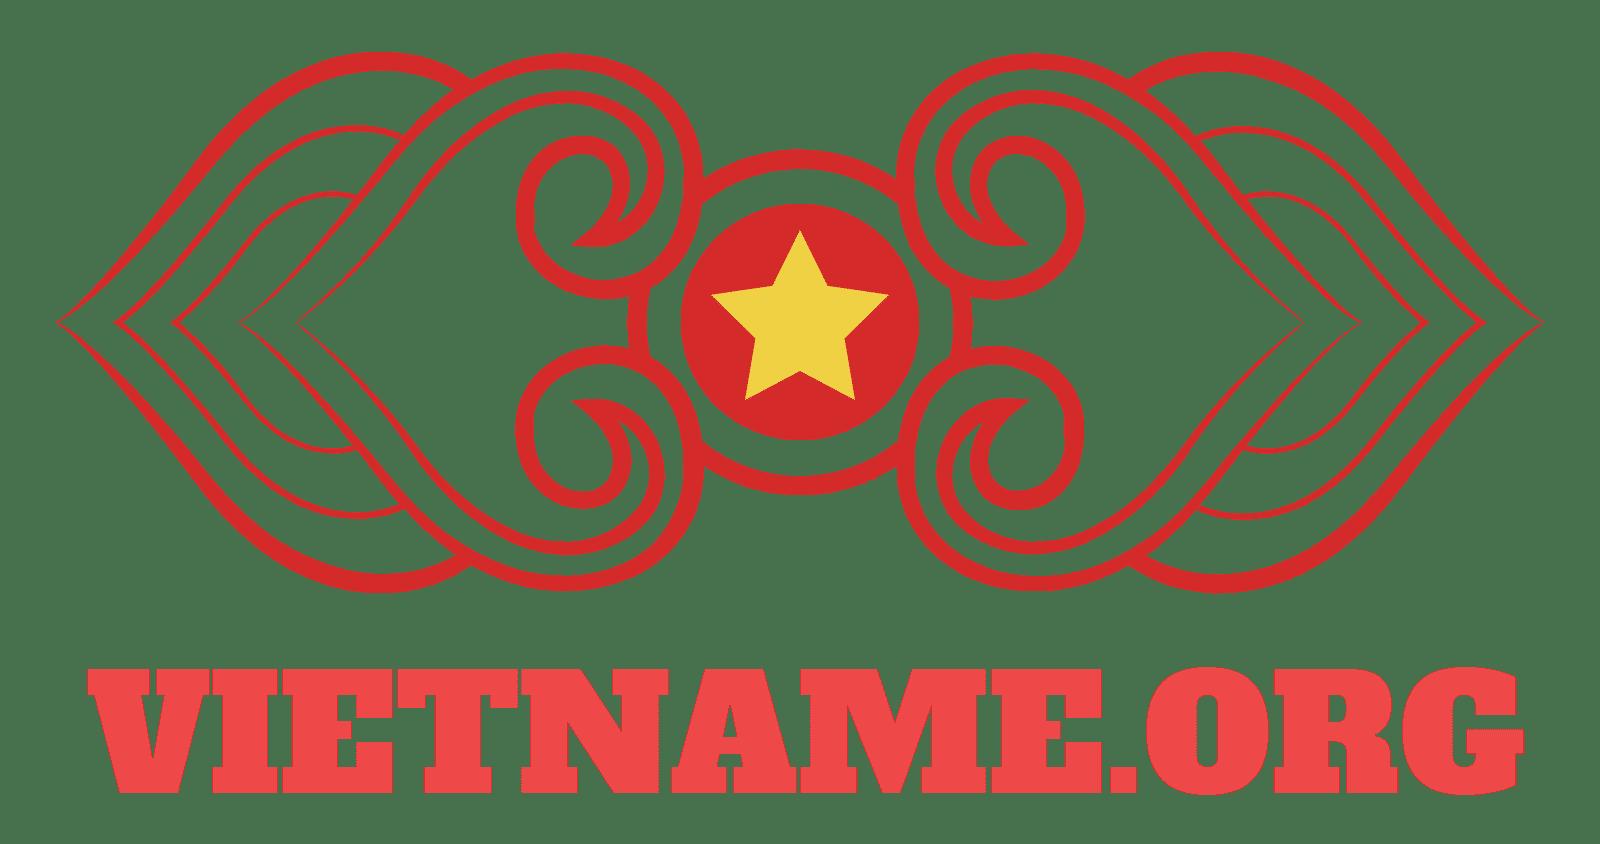 Vietname / Vietnã